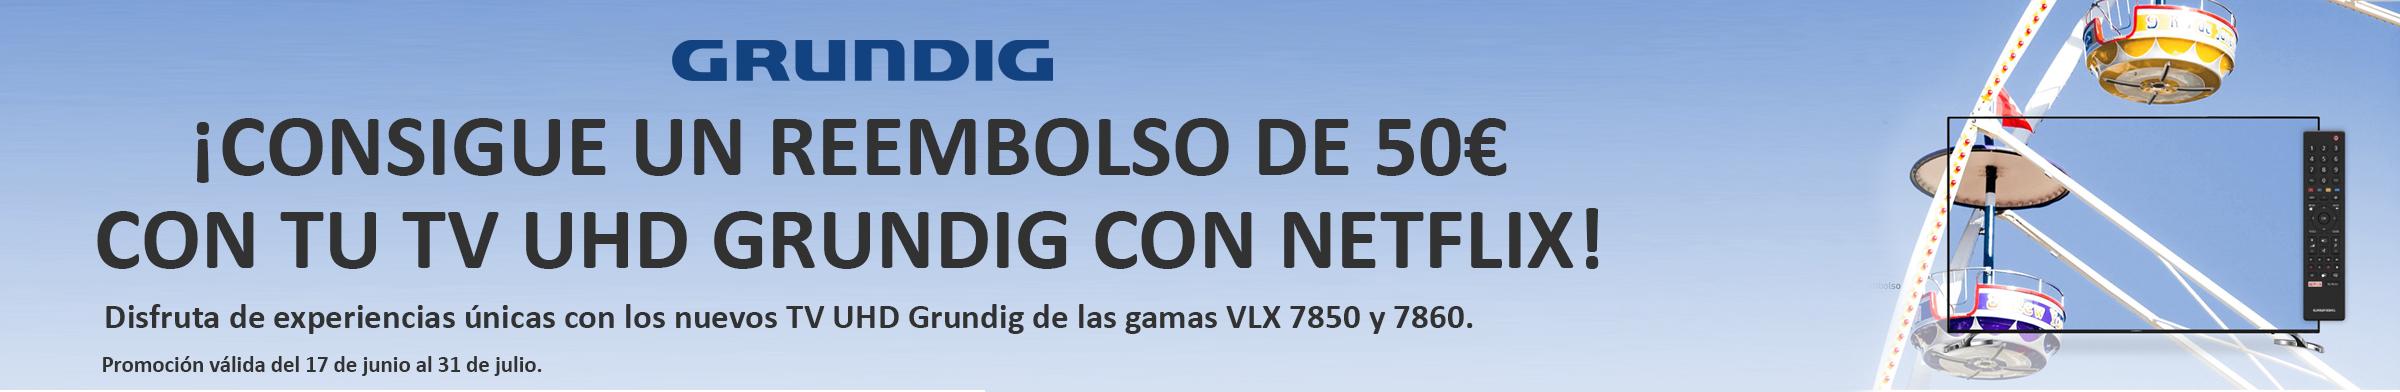 ¡CONSIGUE UN REEMBOLSO DE 50€ CON TU TV UHD GRUNDIG CON NETFLIX!